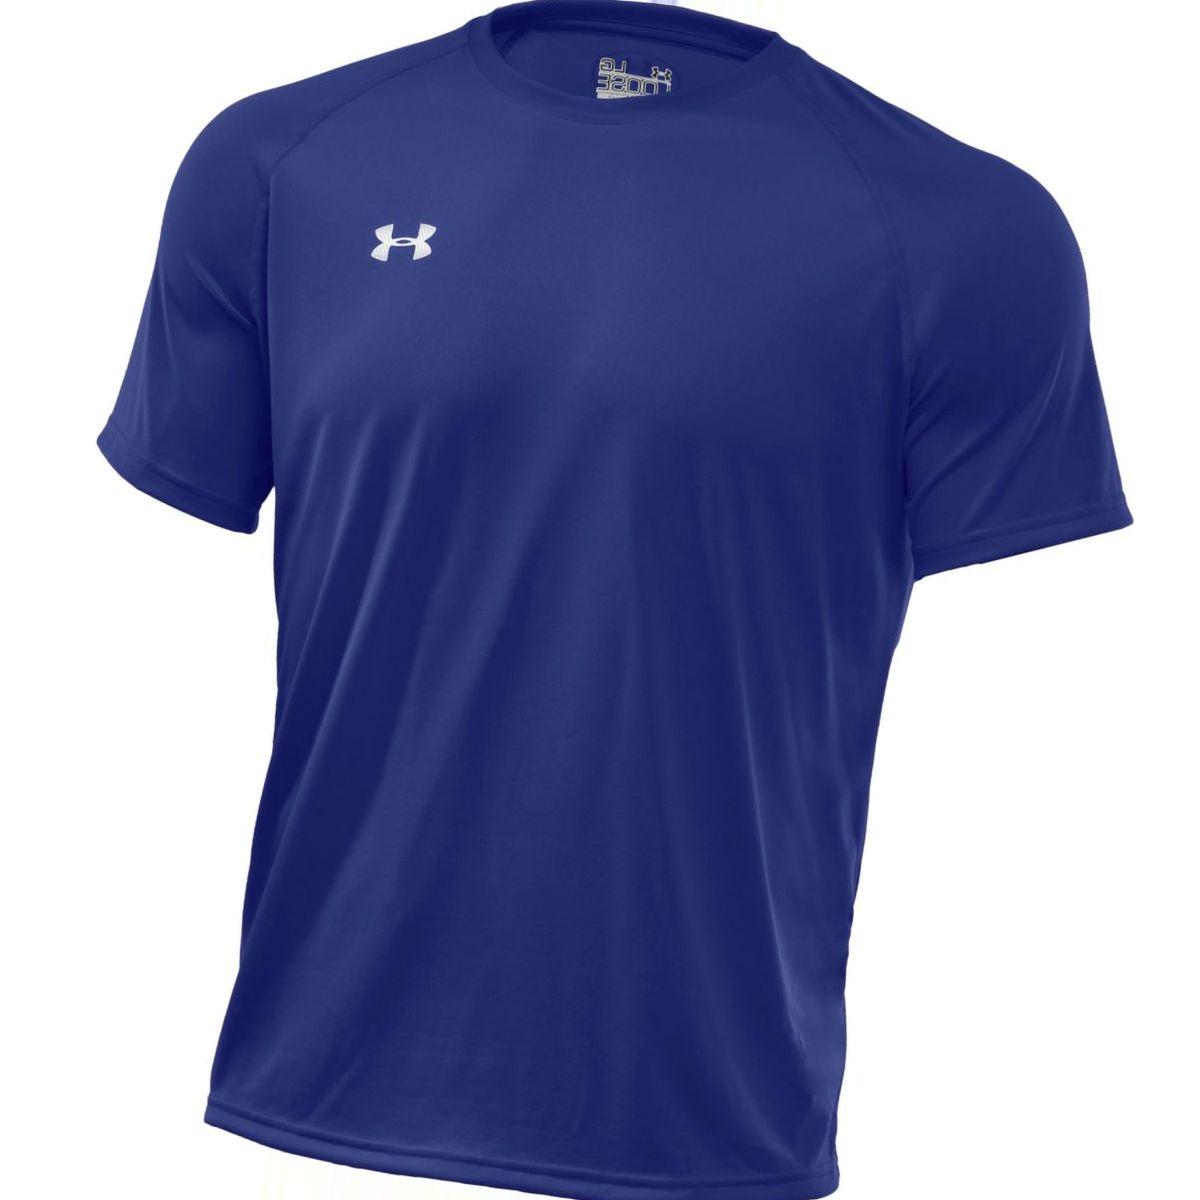 Under Armour Tech T-Shirt - Men's